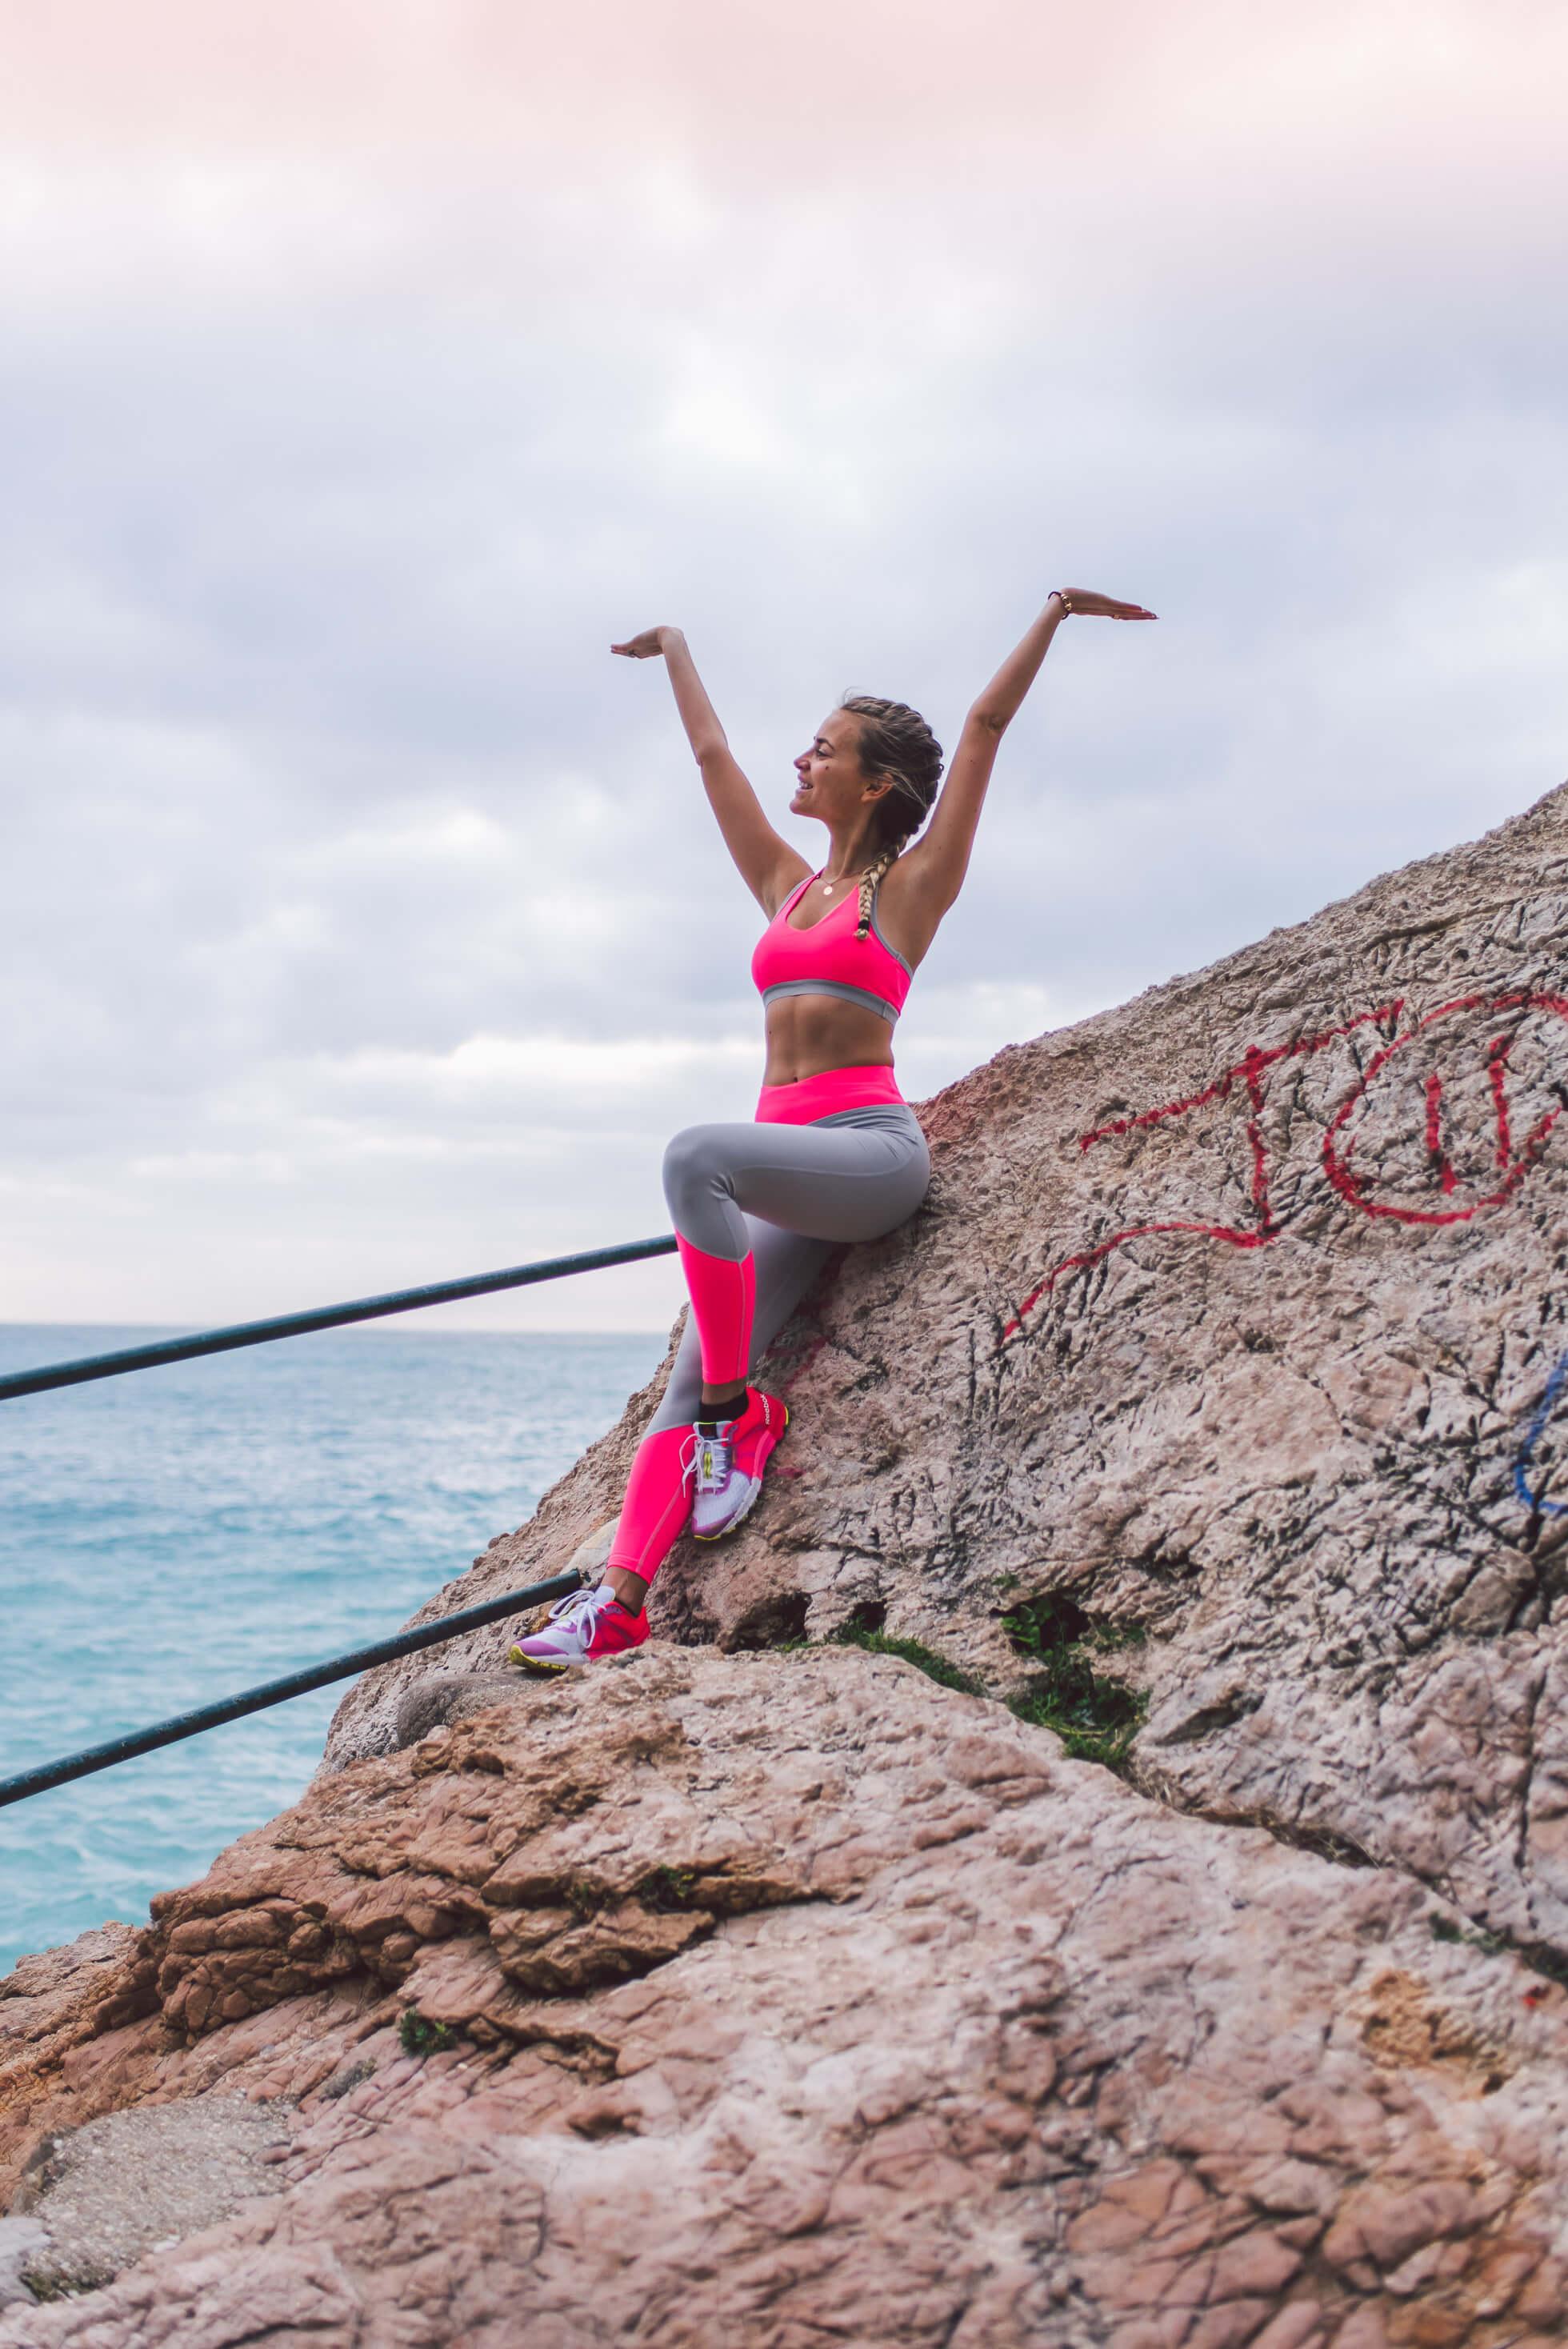 janni-deler-pink-sky-bring-sportswearDSC_8943